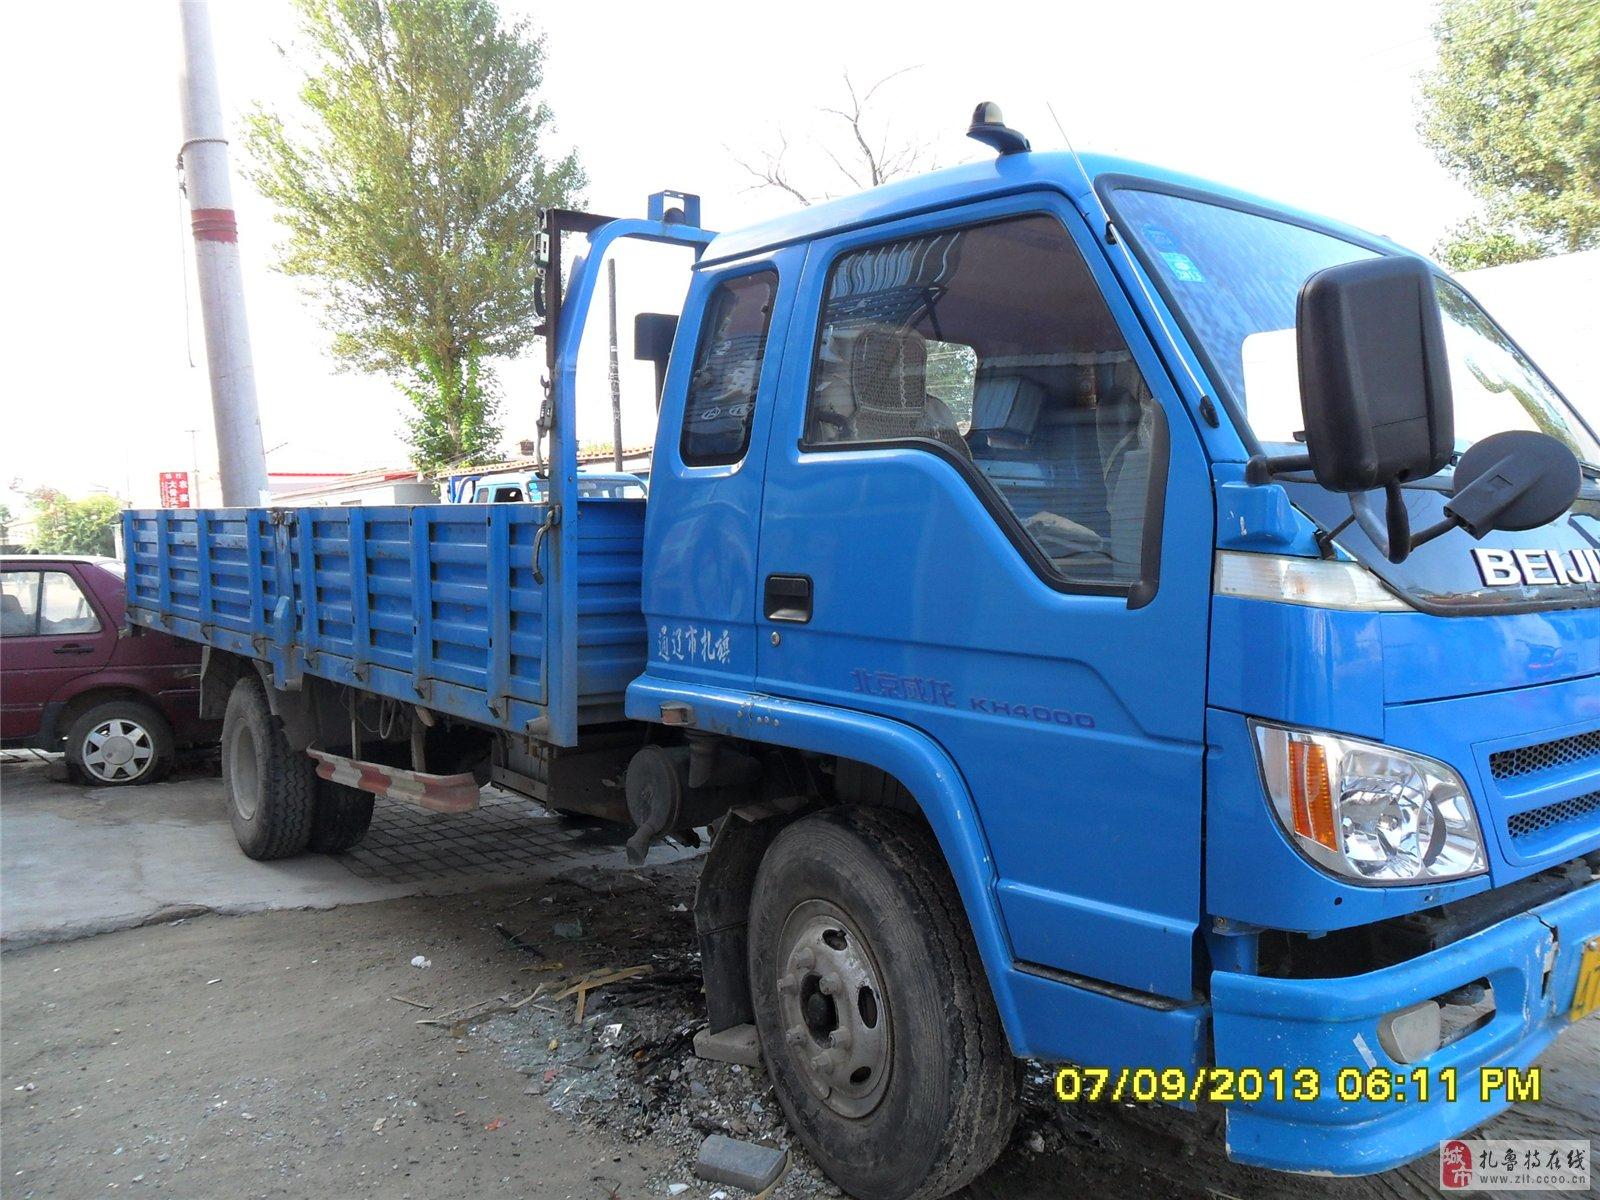 箱货车蓝色矢量图